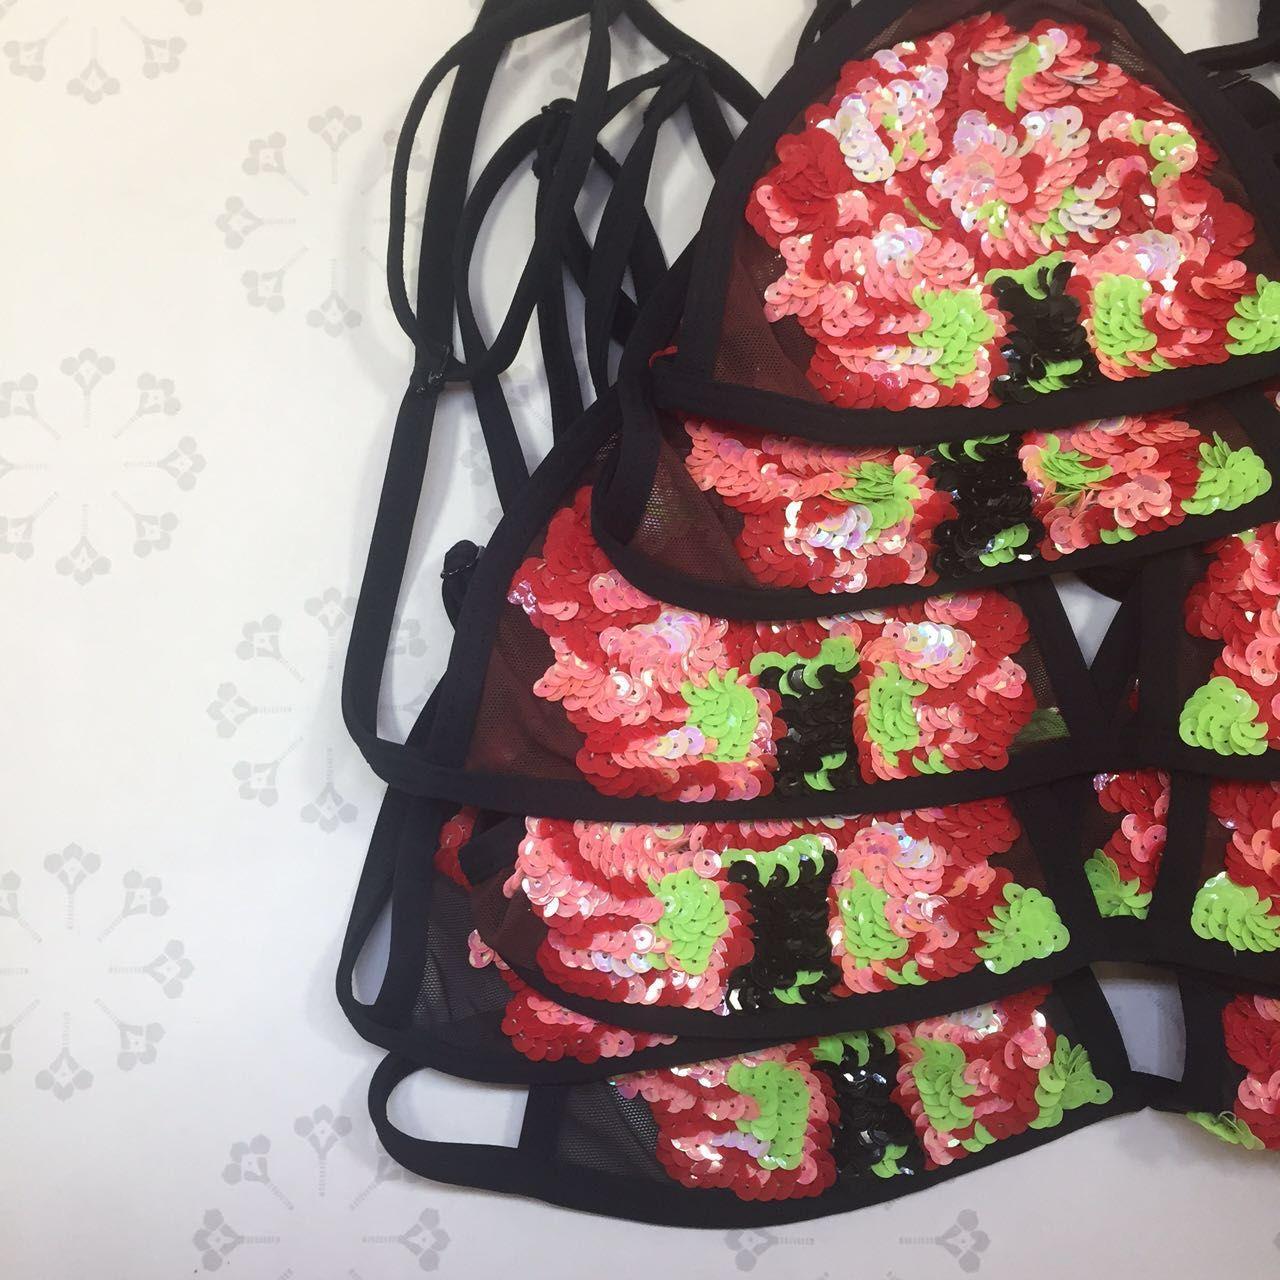 Airavata swimwear hand made embroidery luxury brand